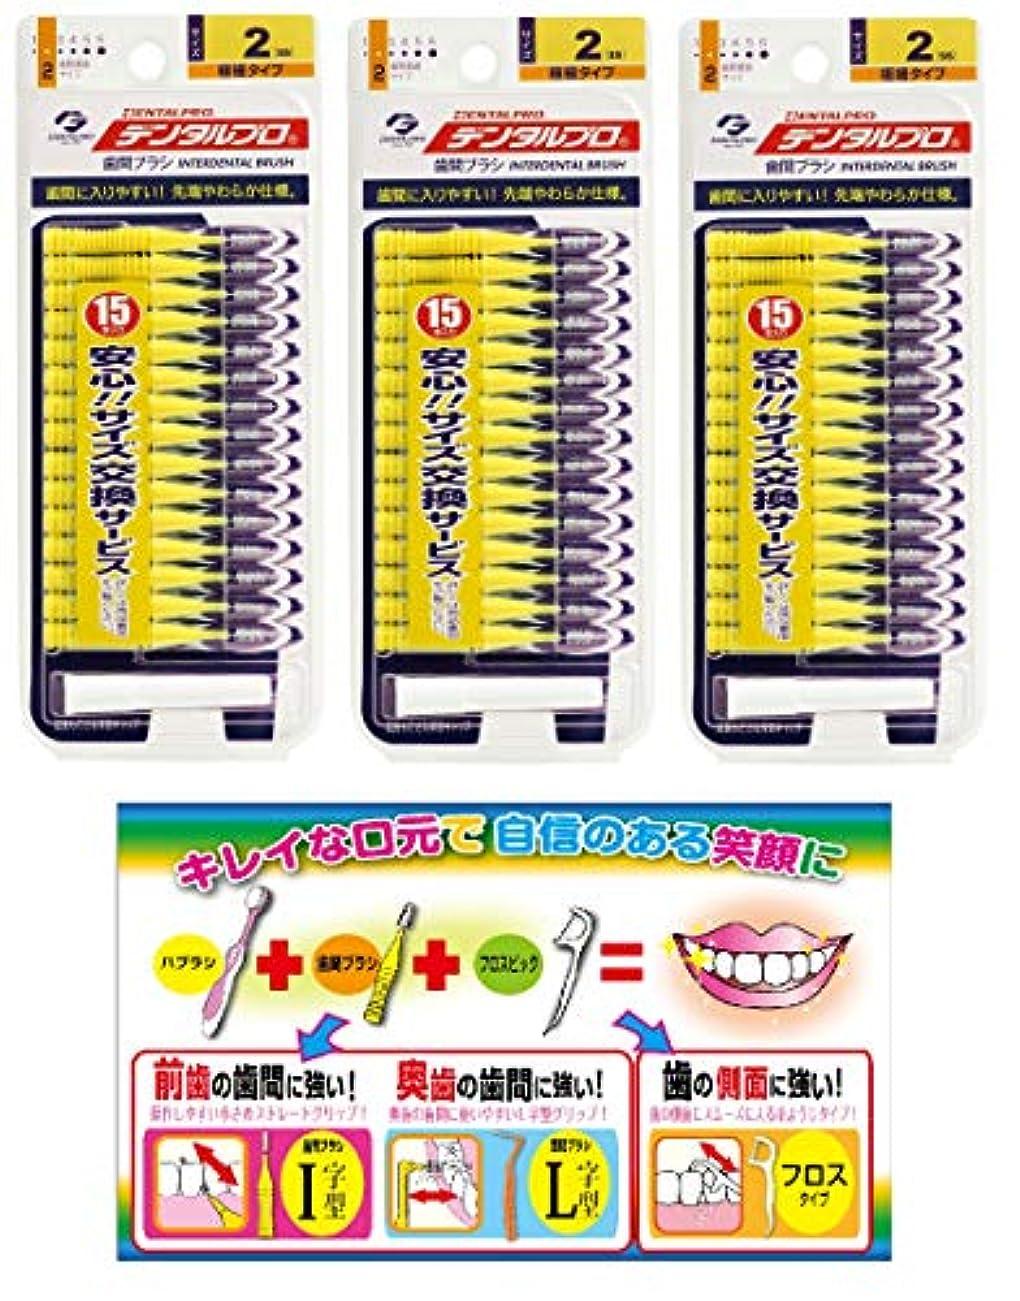 何故なの収益麻痺させる【Amazon.co.jp限定】DP歯間ブラシ15P サイズ2 3P+リーフレット